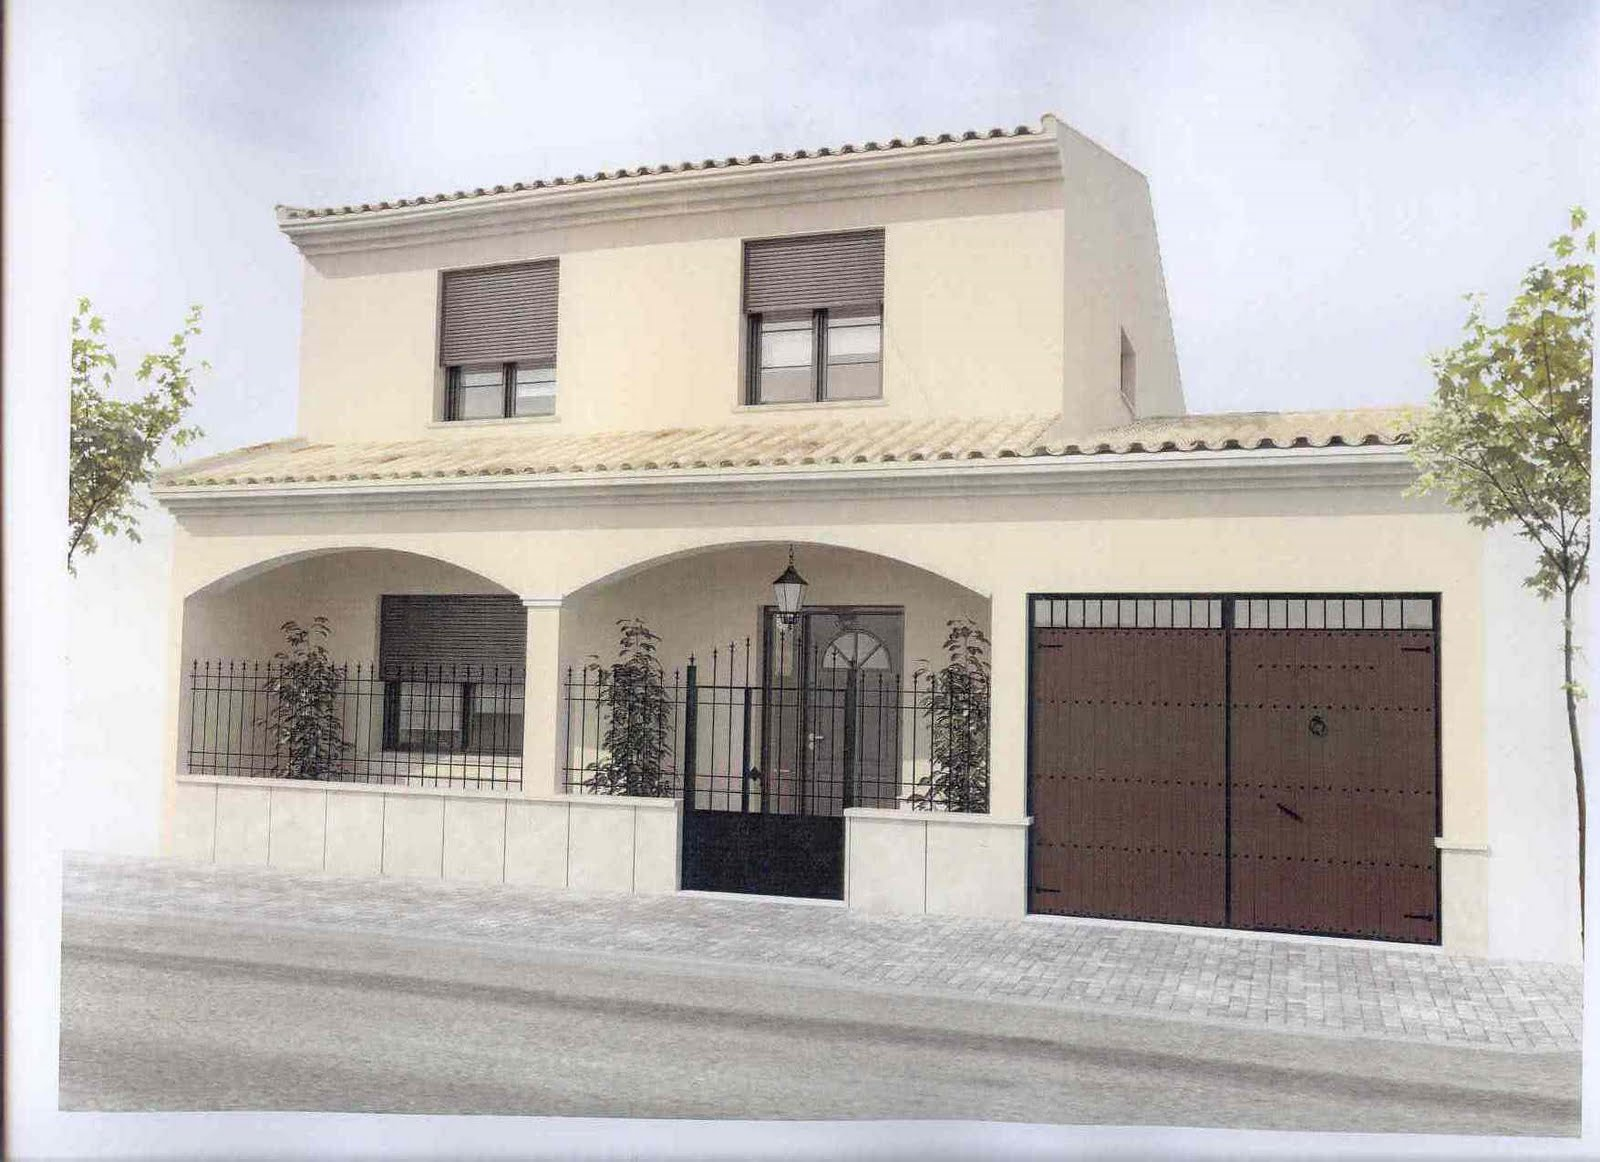 Materiales para fachadas exteriores de casas esta nota la - Materiales para fachadas exteriores ...